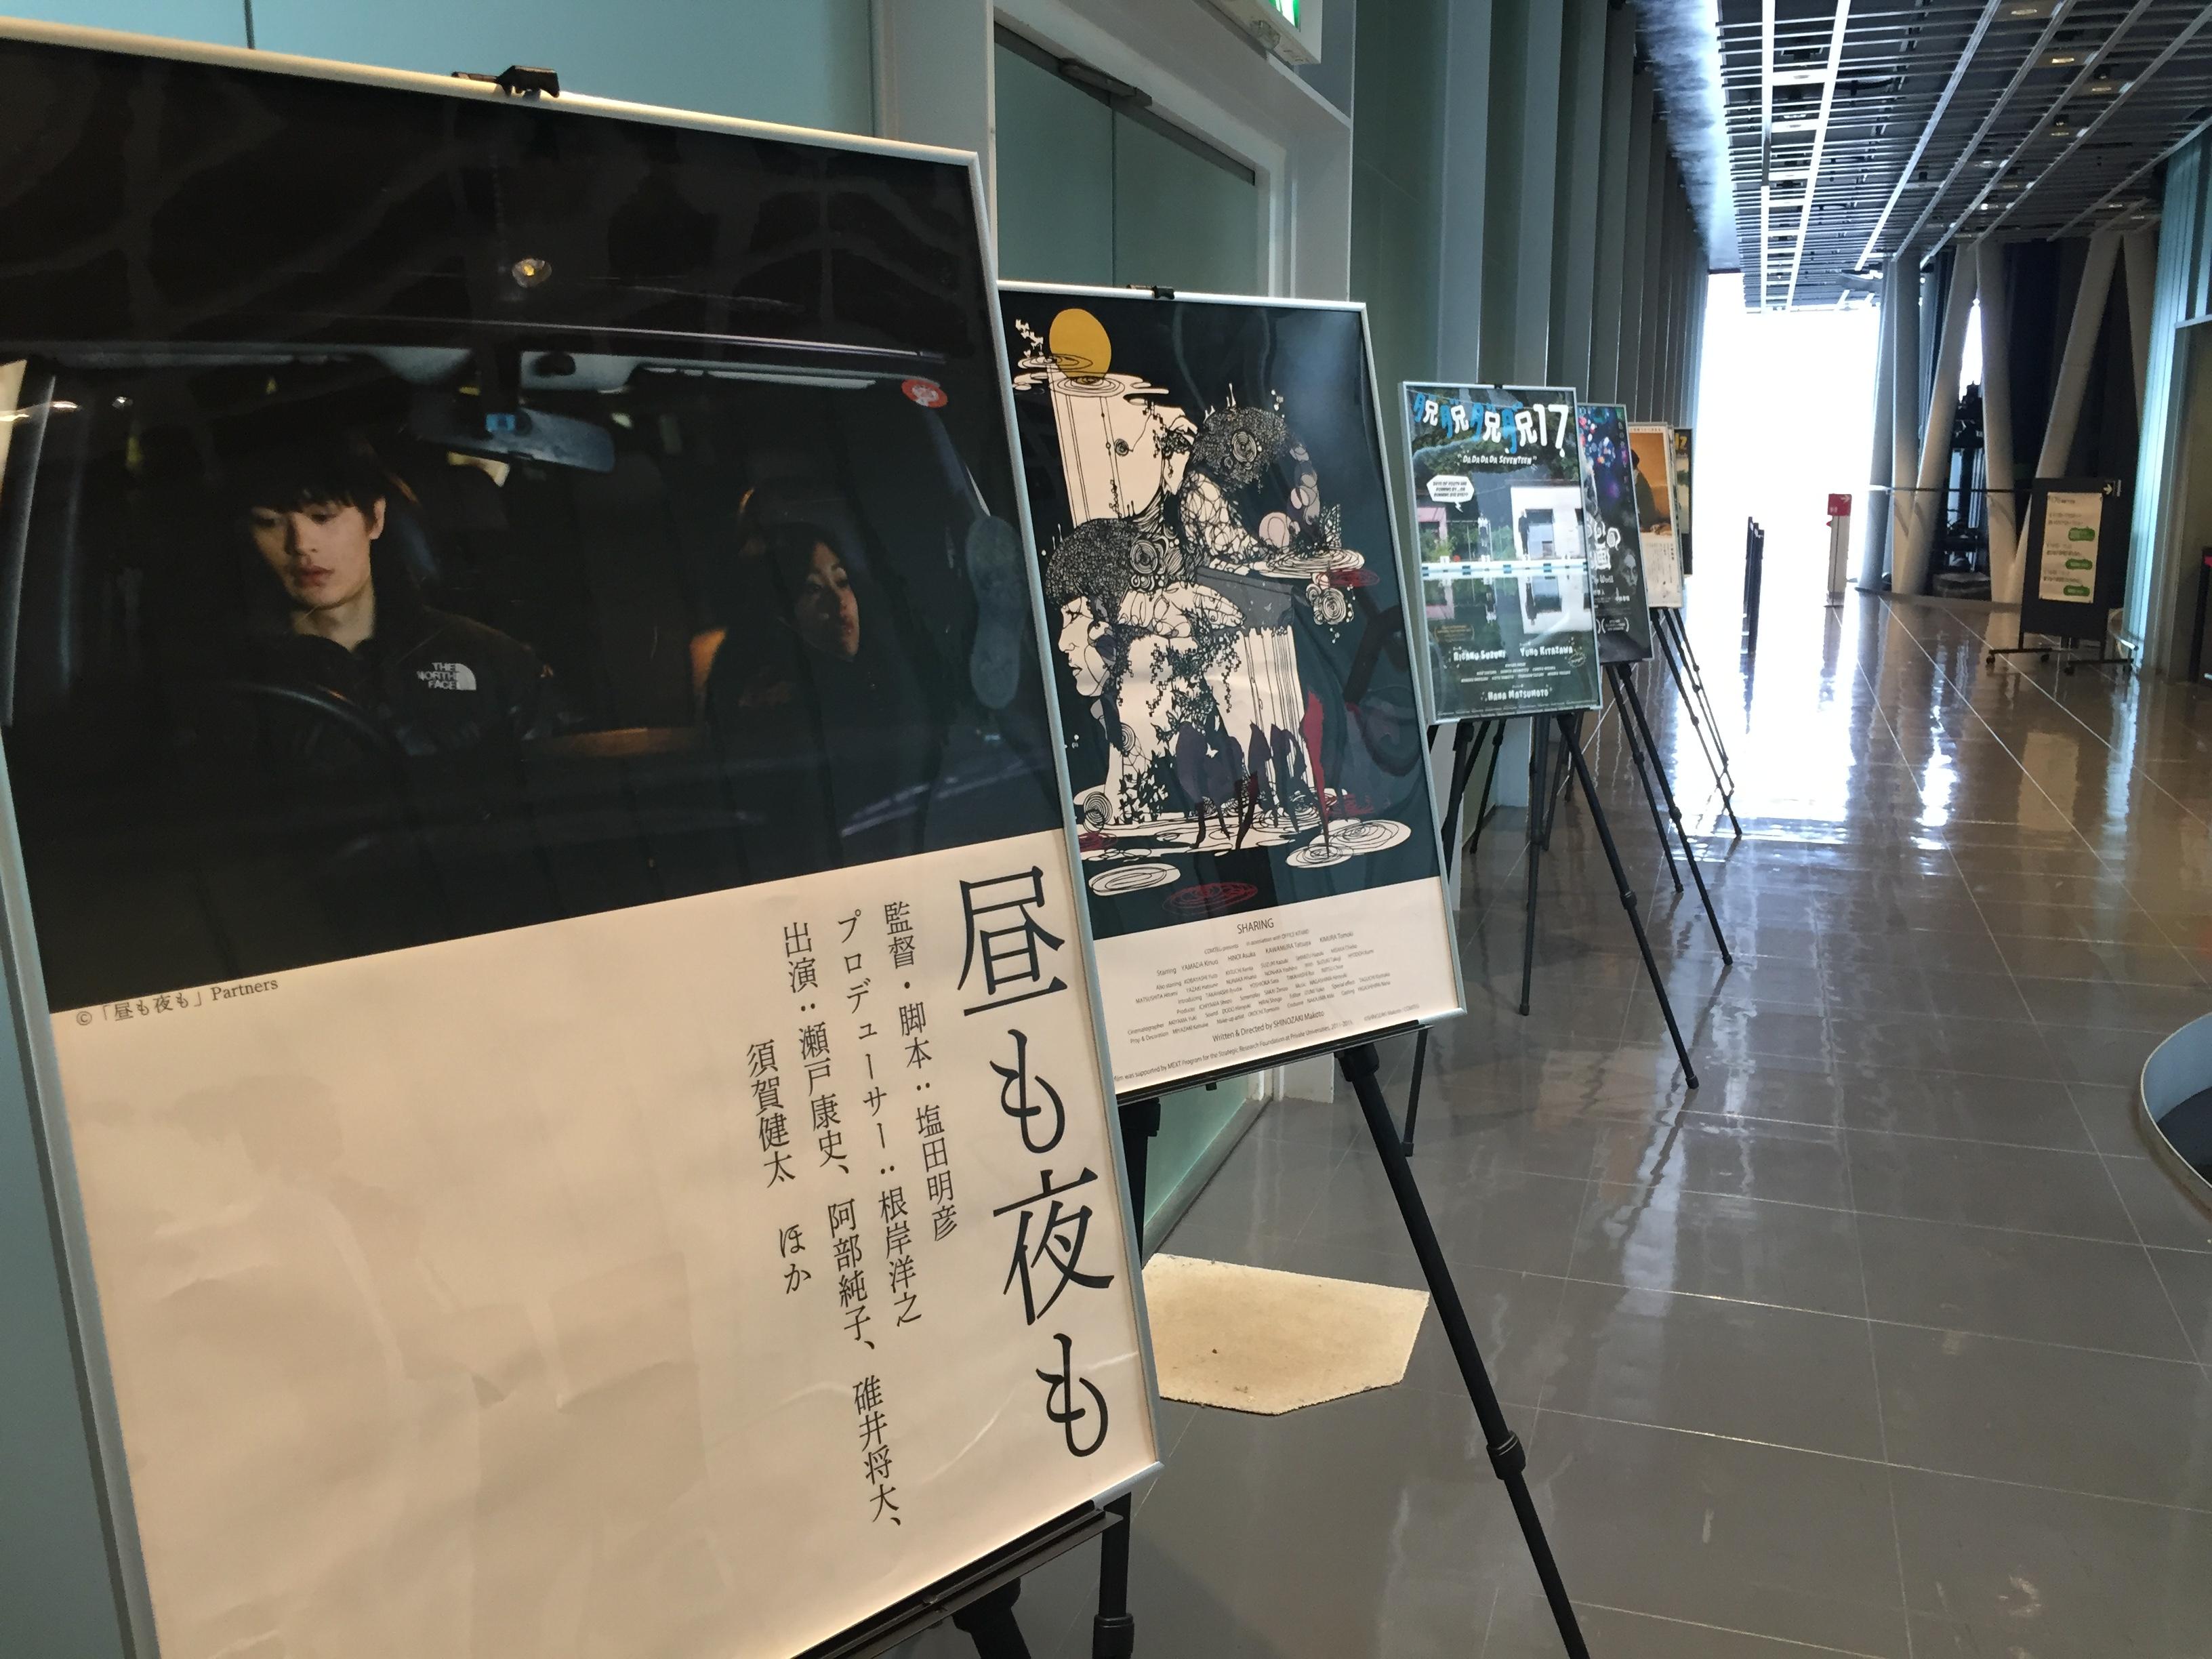 【開催終了】「みんなで仙台短編映画祭に参加しよう!そして語らおう!」第13回シネマワークショップ